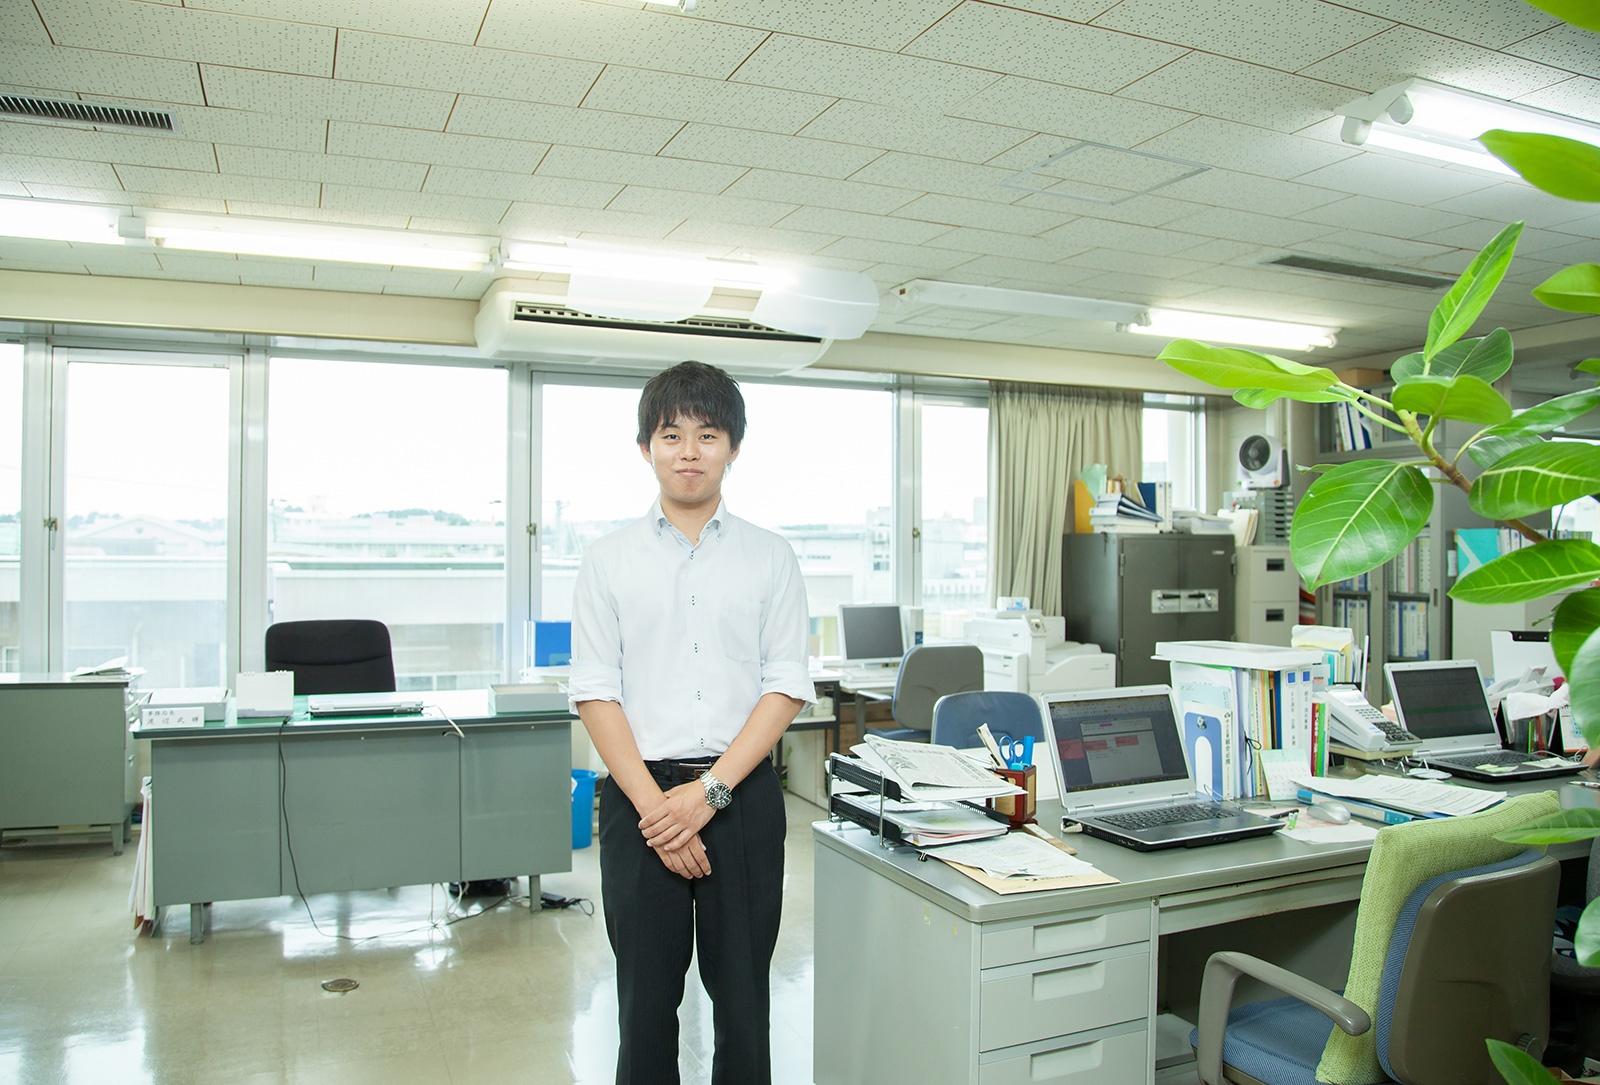 松田さん「新潟の魅力を再発見」